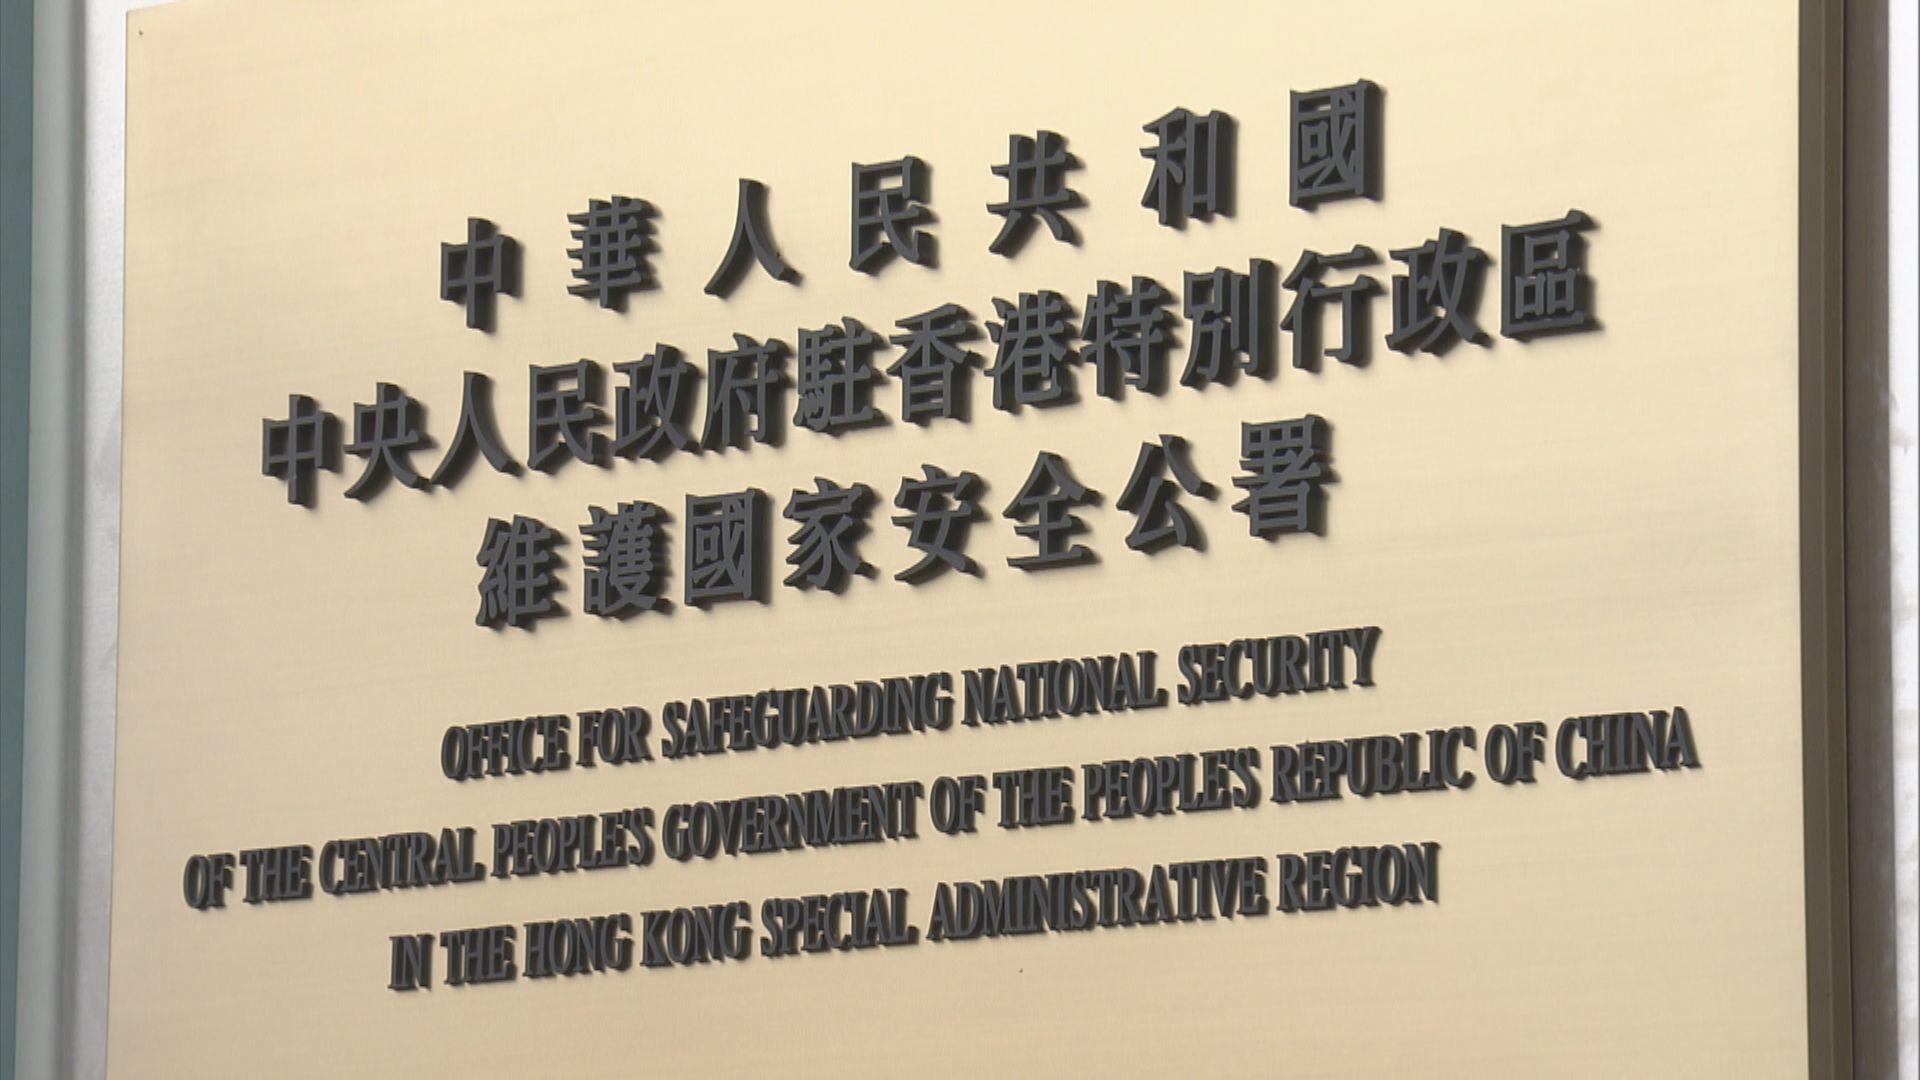 港澳辦聲明指全力支持及配合駐港國安公署